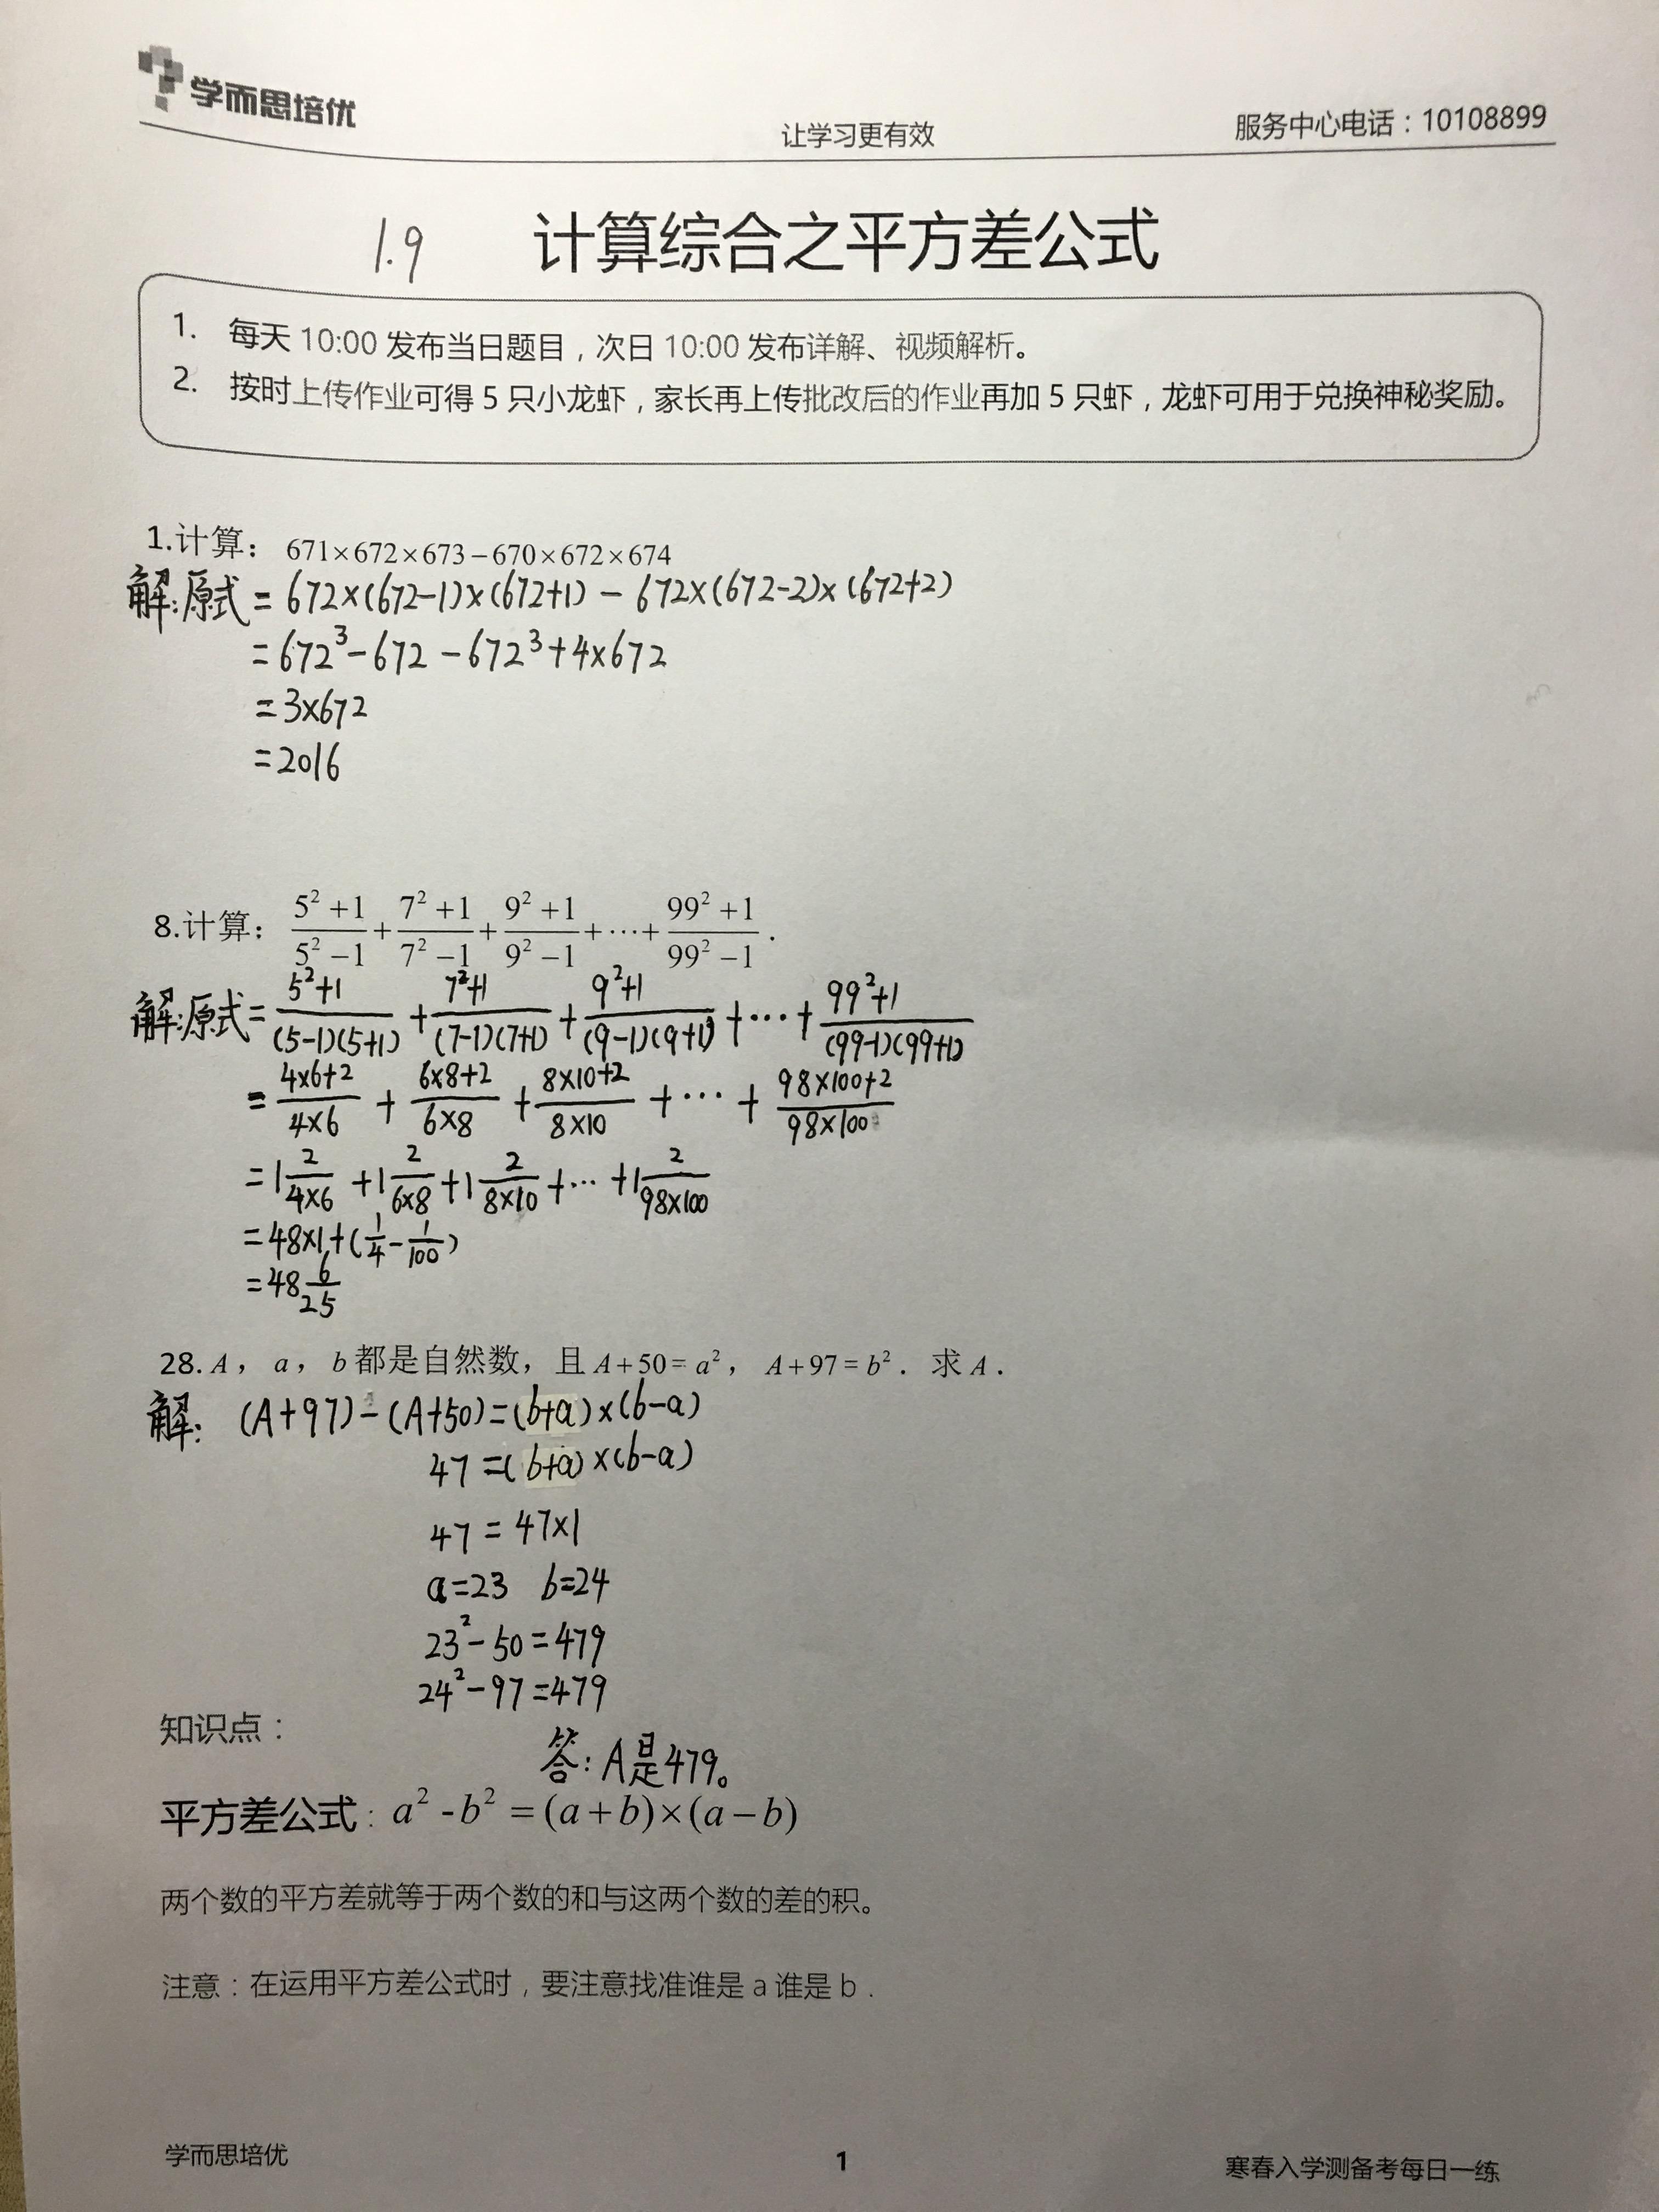 11A37422-48A3-4B9B-819F-FB90608CA340.jpg